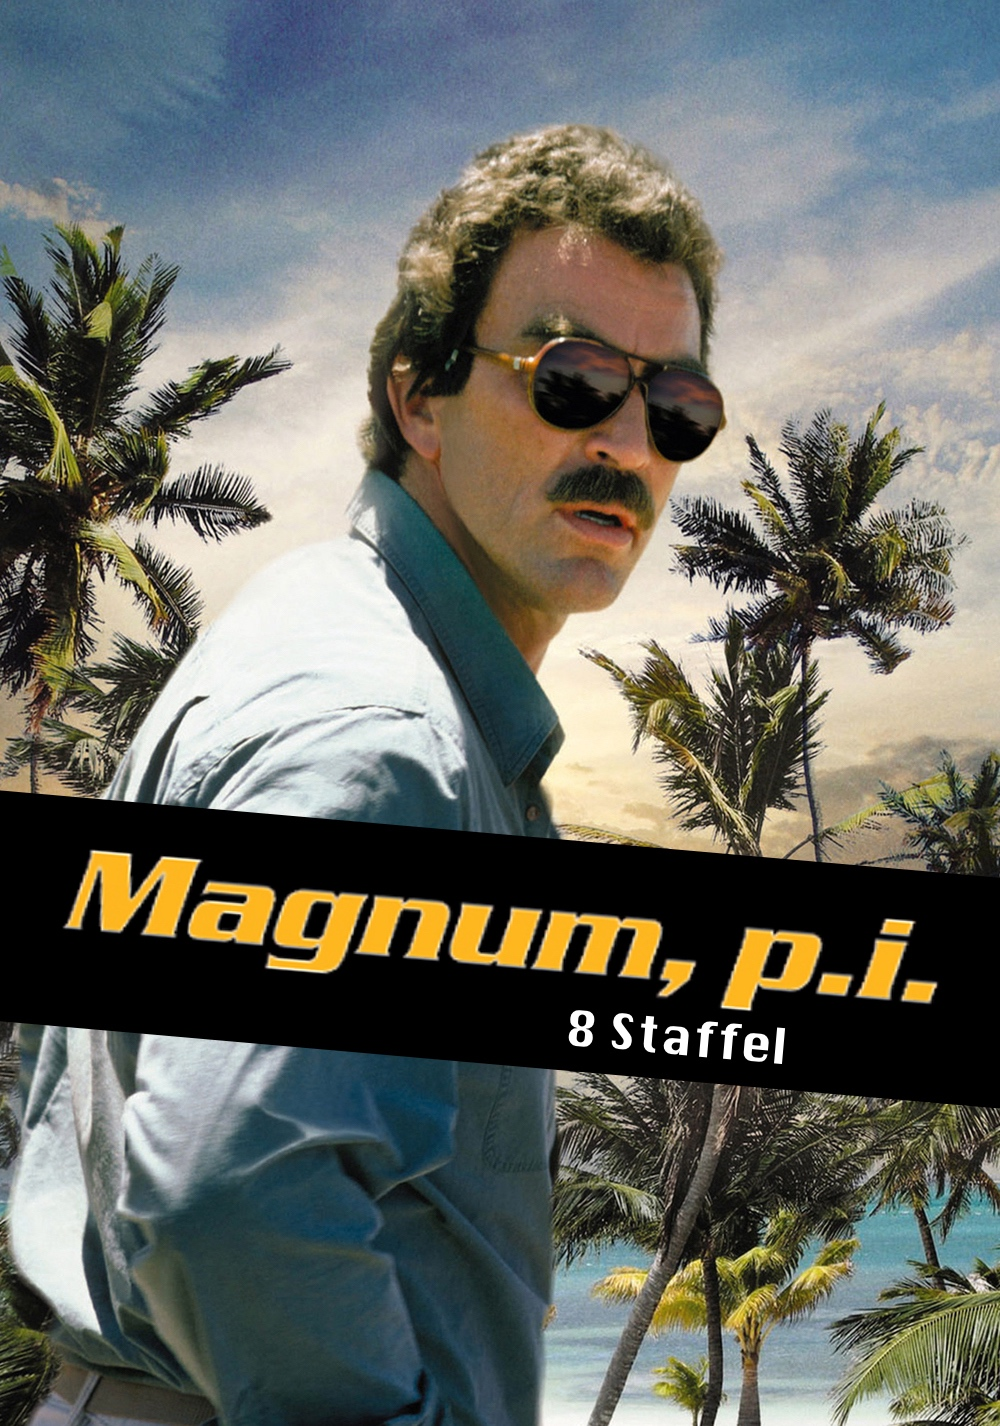 Image Result For Magnum Pi